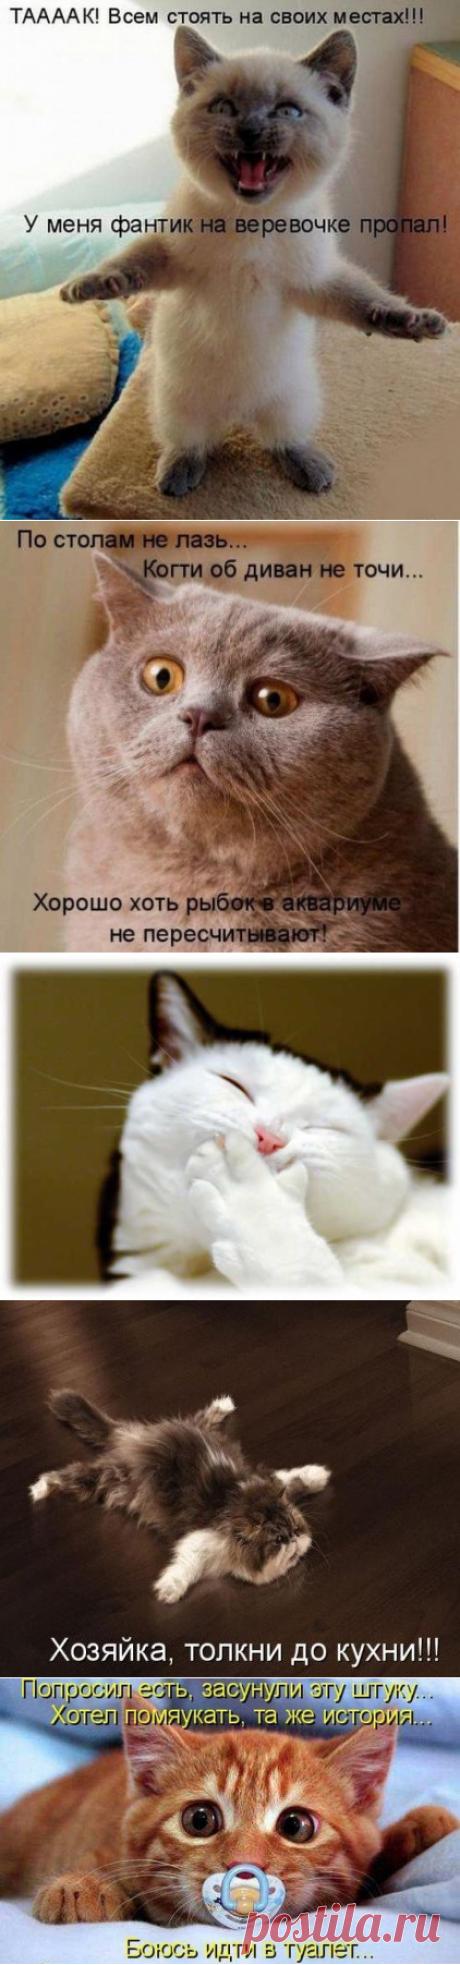 О чем думают коты и кошки